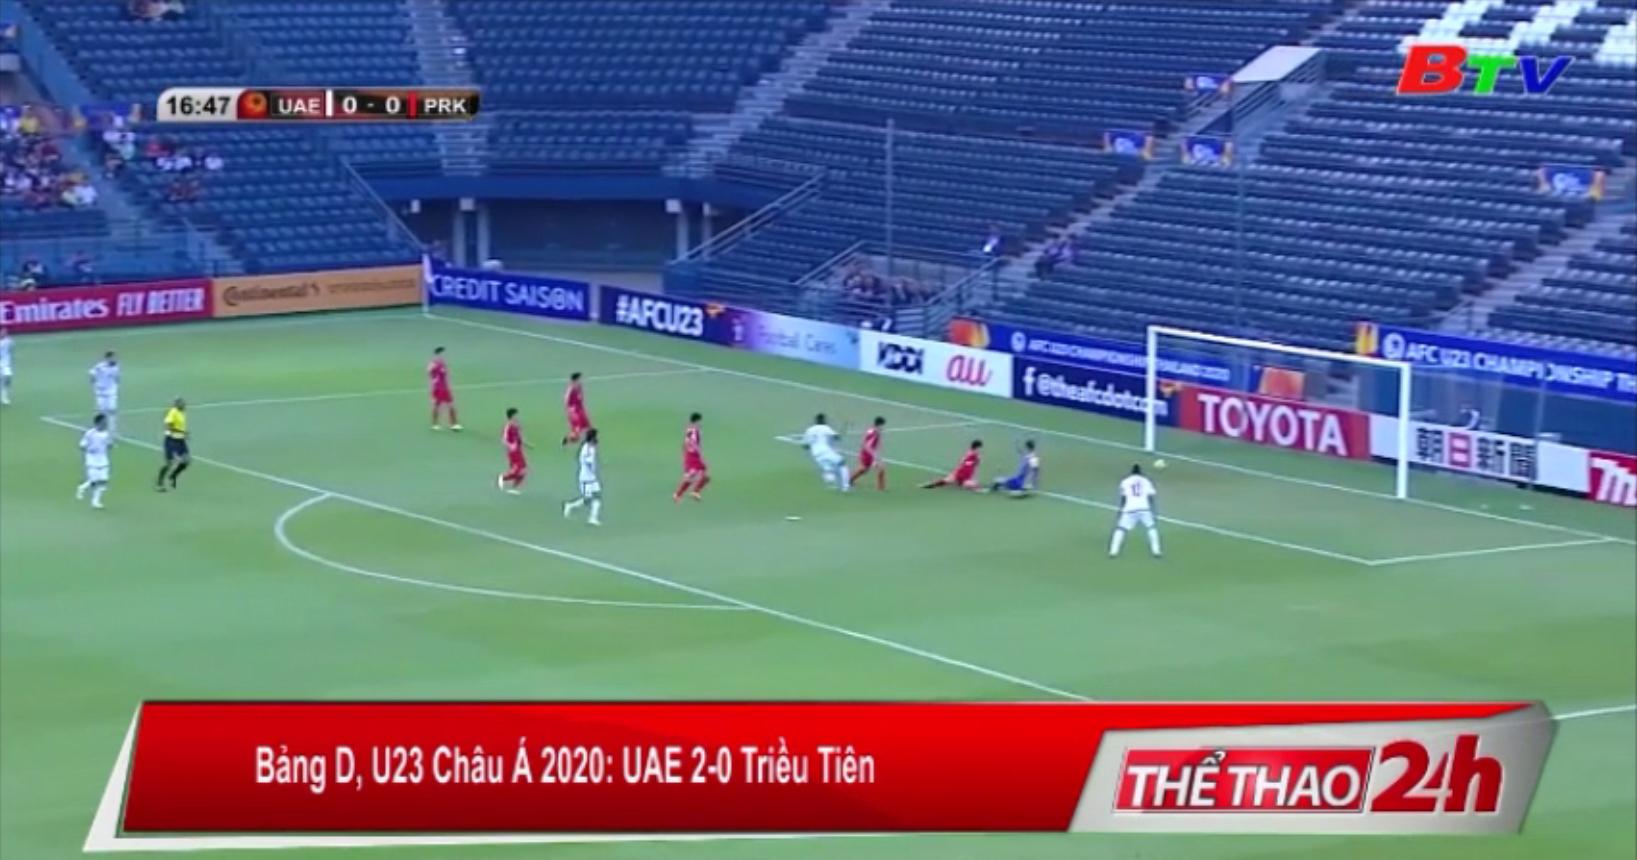 Bảng D VCK U23 châu Á 2020 – UAE 2-0 Triều Tiên